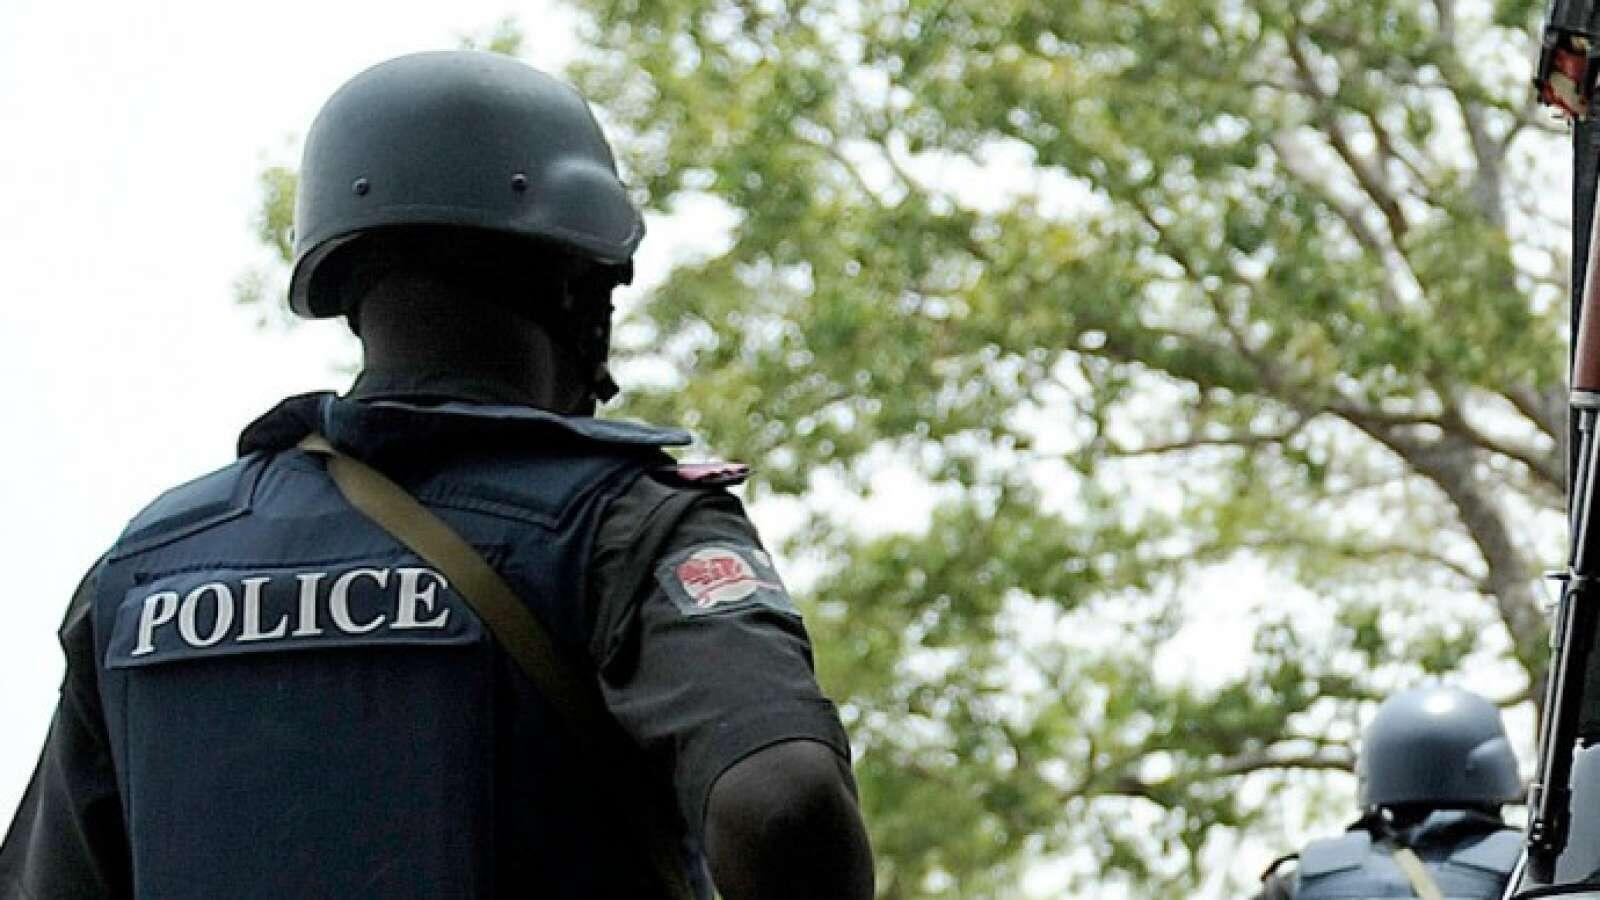 Nigerian Police Officer.